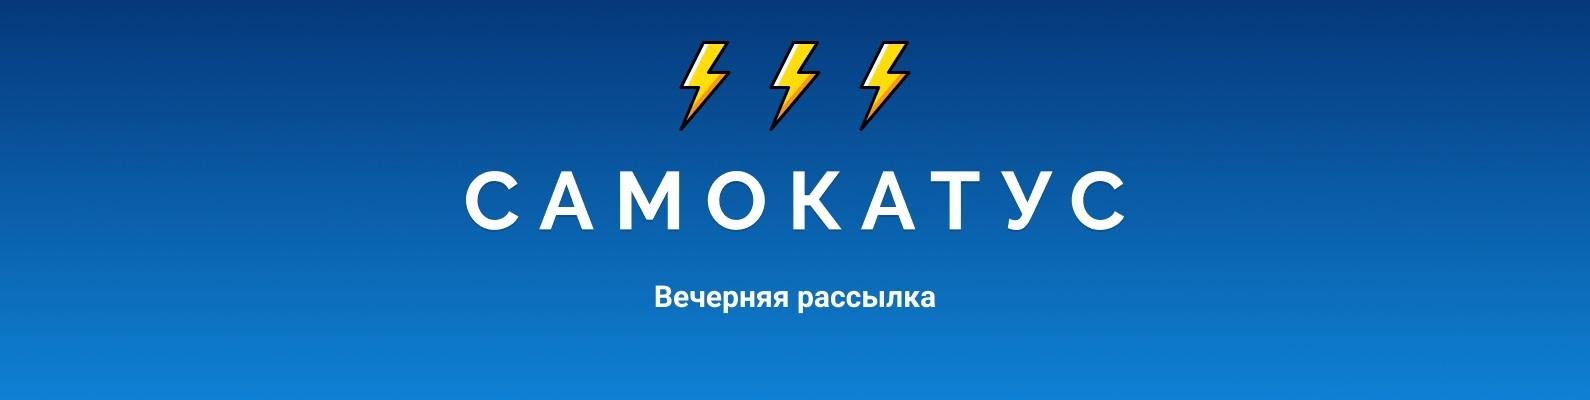 https://samokatus.ru/2019/12/daily-582/